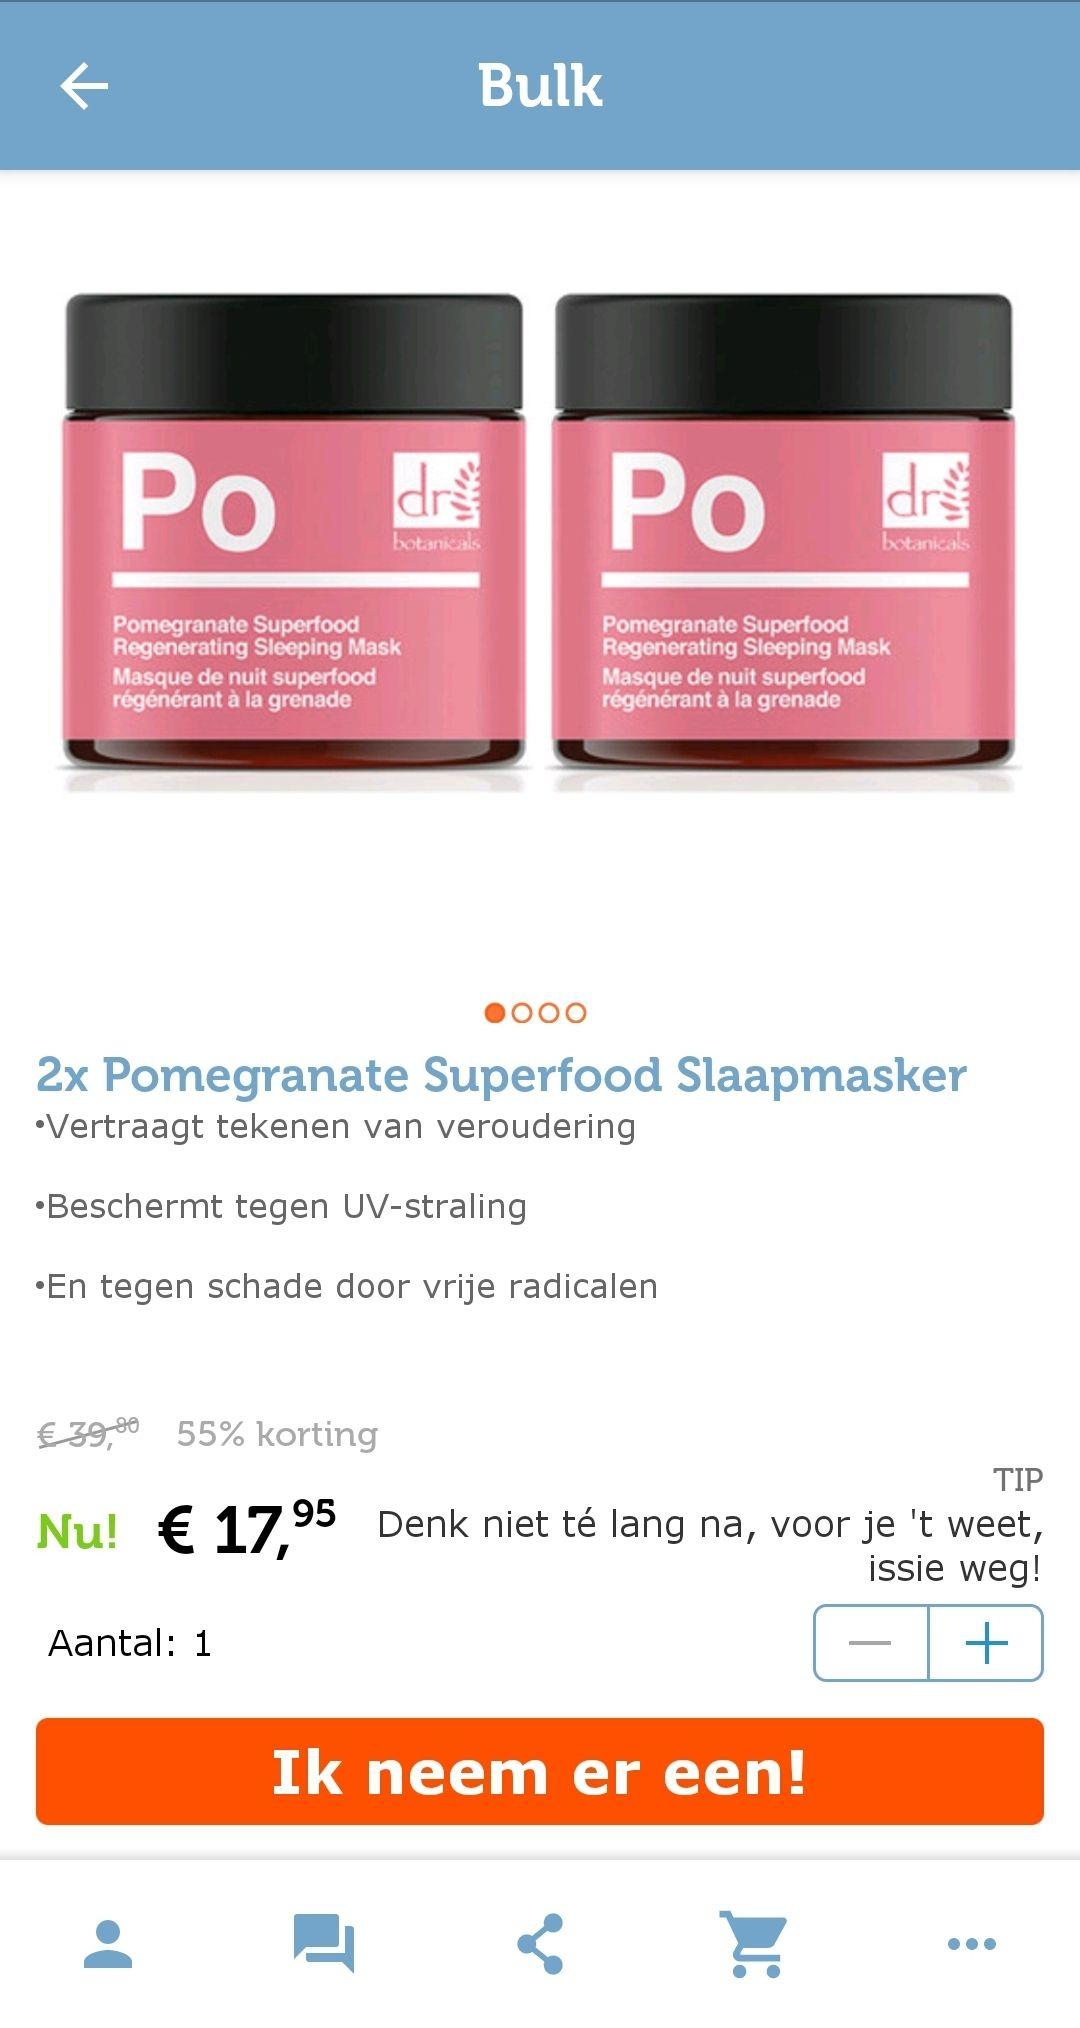 Dr botanicals PO regenerating sleeping mask